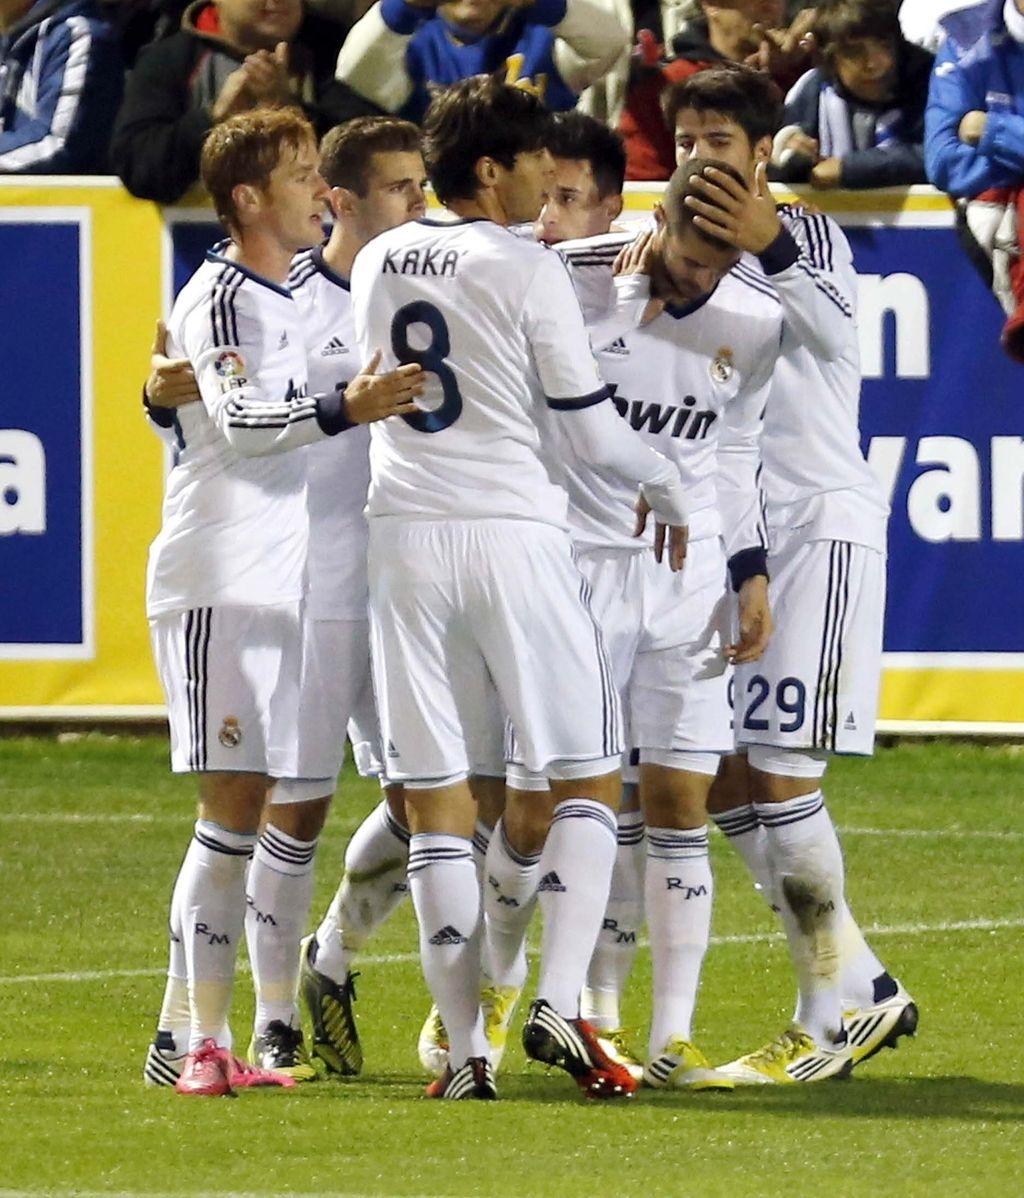 Karim Benzemá, celebra con sus compañero el primer gol del equipo madridista, durante el encuentro correspondiente a la ida de los dieciseisavos de final de la Copa del Rey, que disputan esta noche frente al Alcoyano